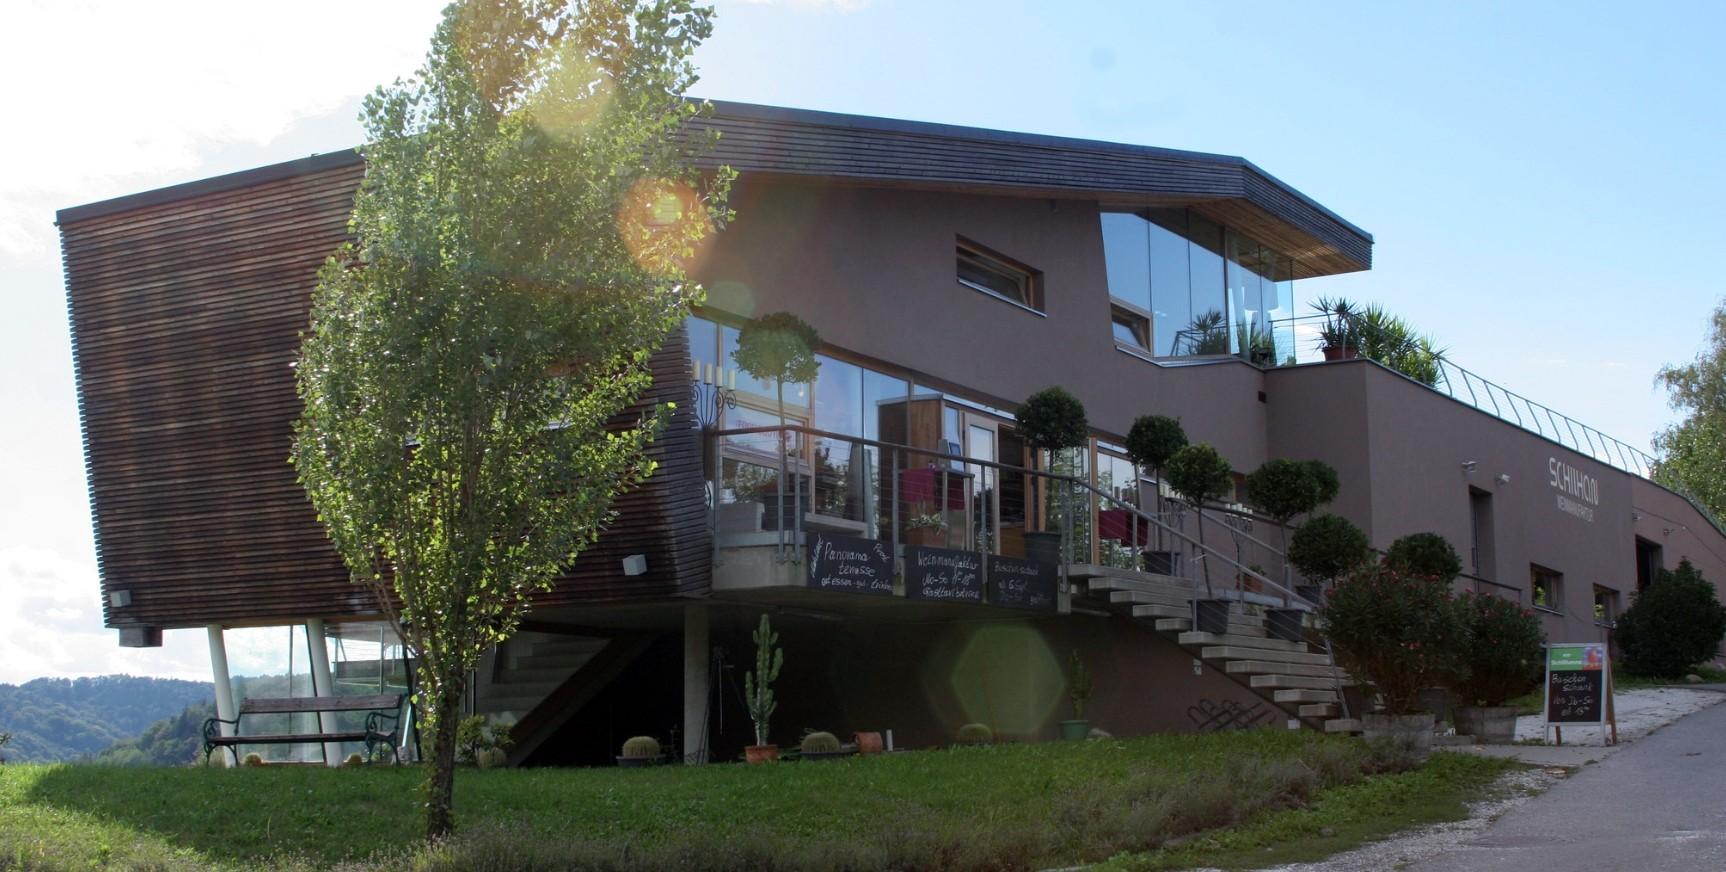 Schilhan - Weingus building